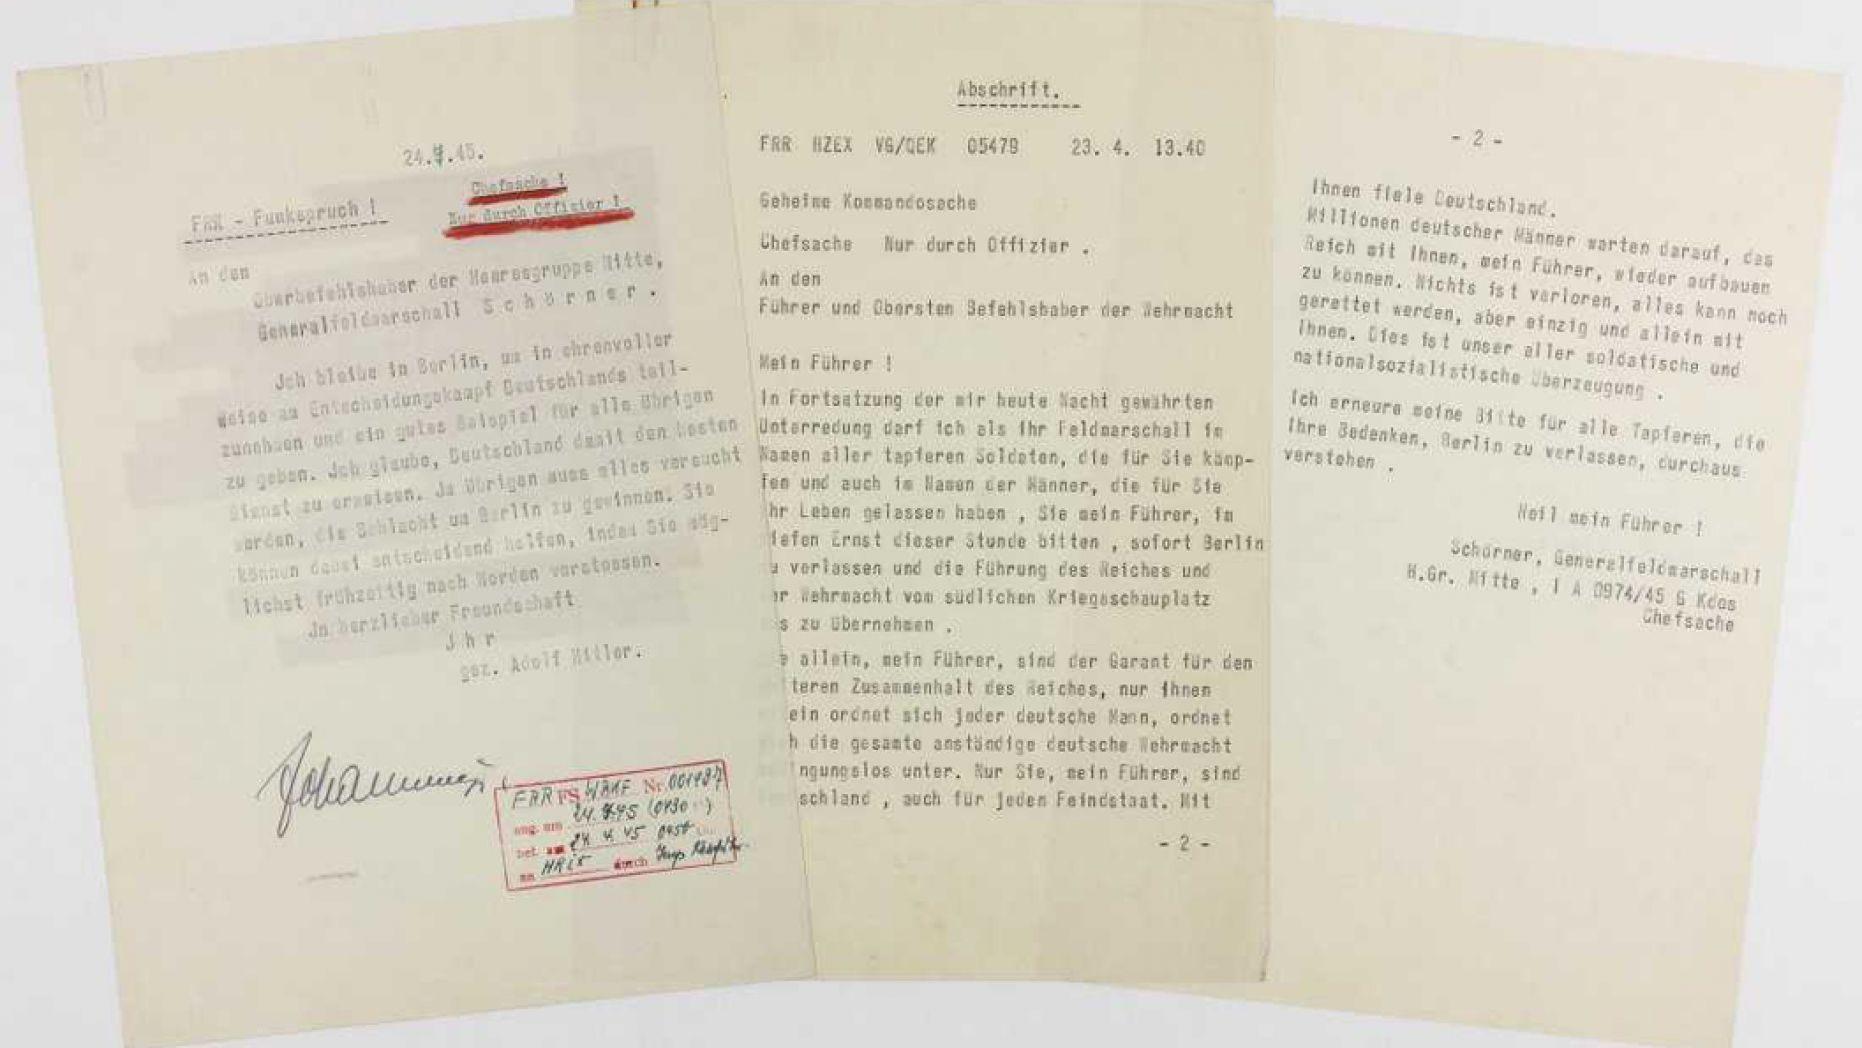 رسالة انتحار هتلر